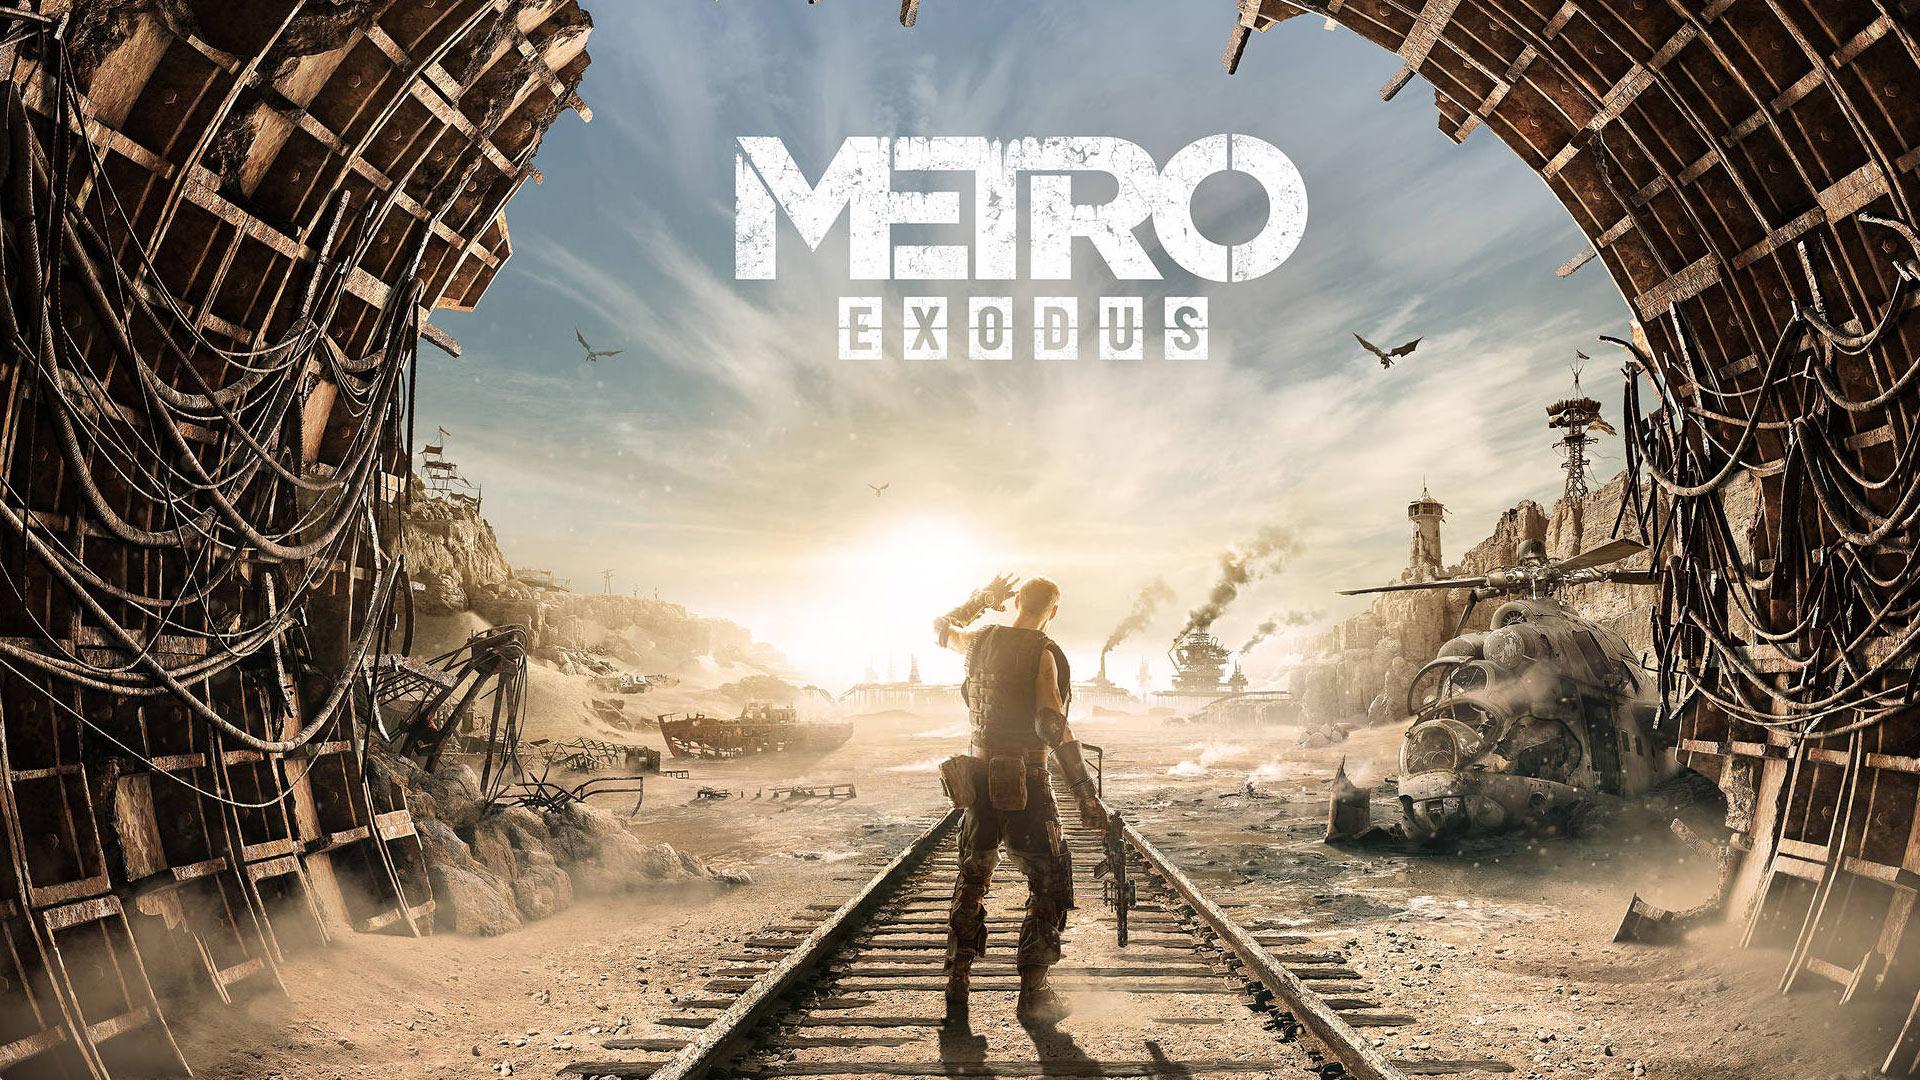 MetroExodus